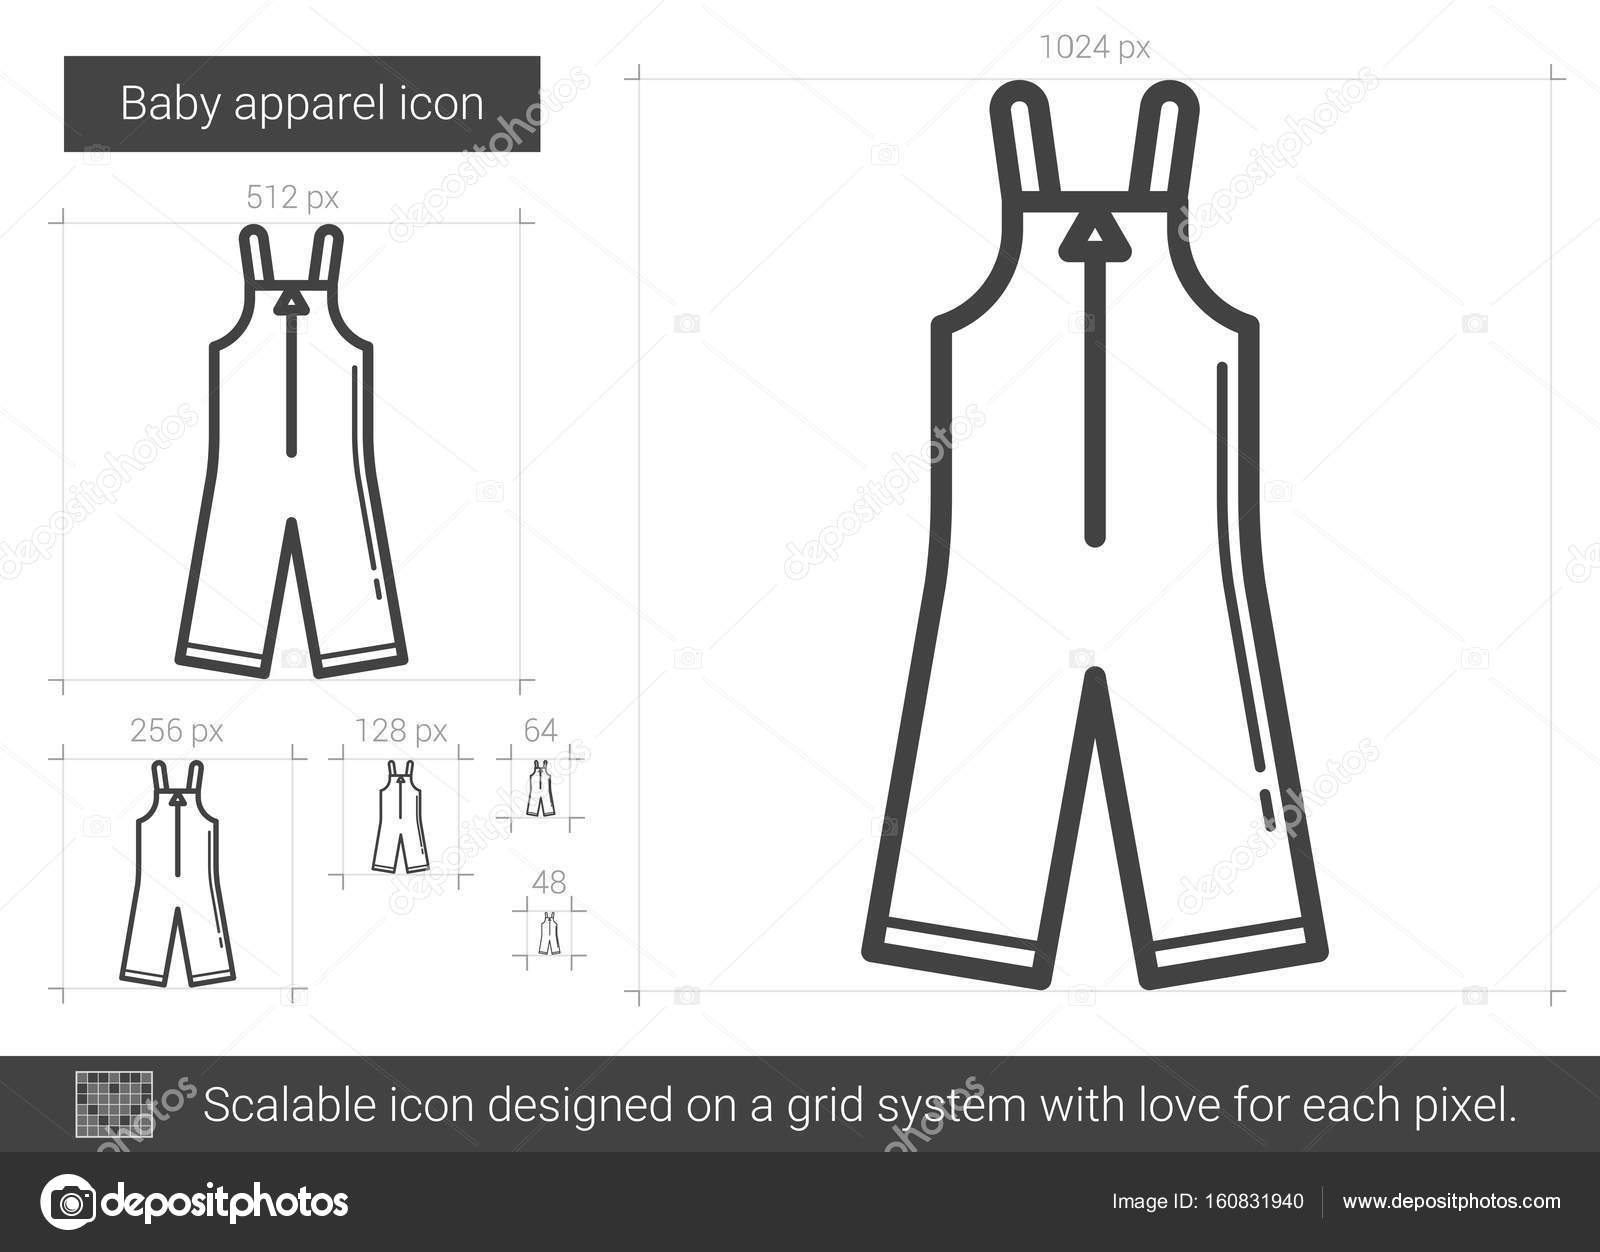 12dc99d5bef00 Bébé vêtements vecteur ligne icône isolé sur fond blanc. Icône de ligne de vêtements  bébé pour infographie